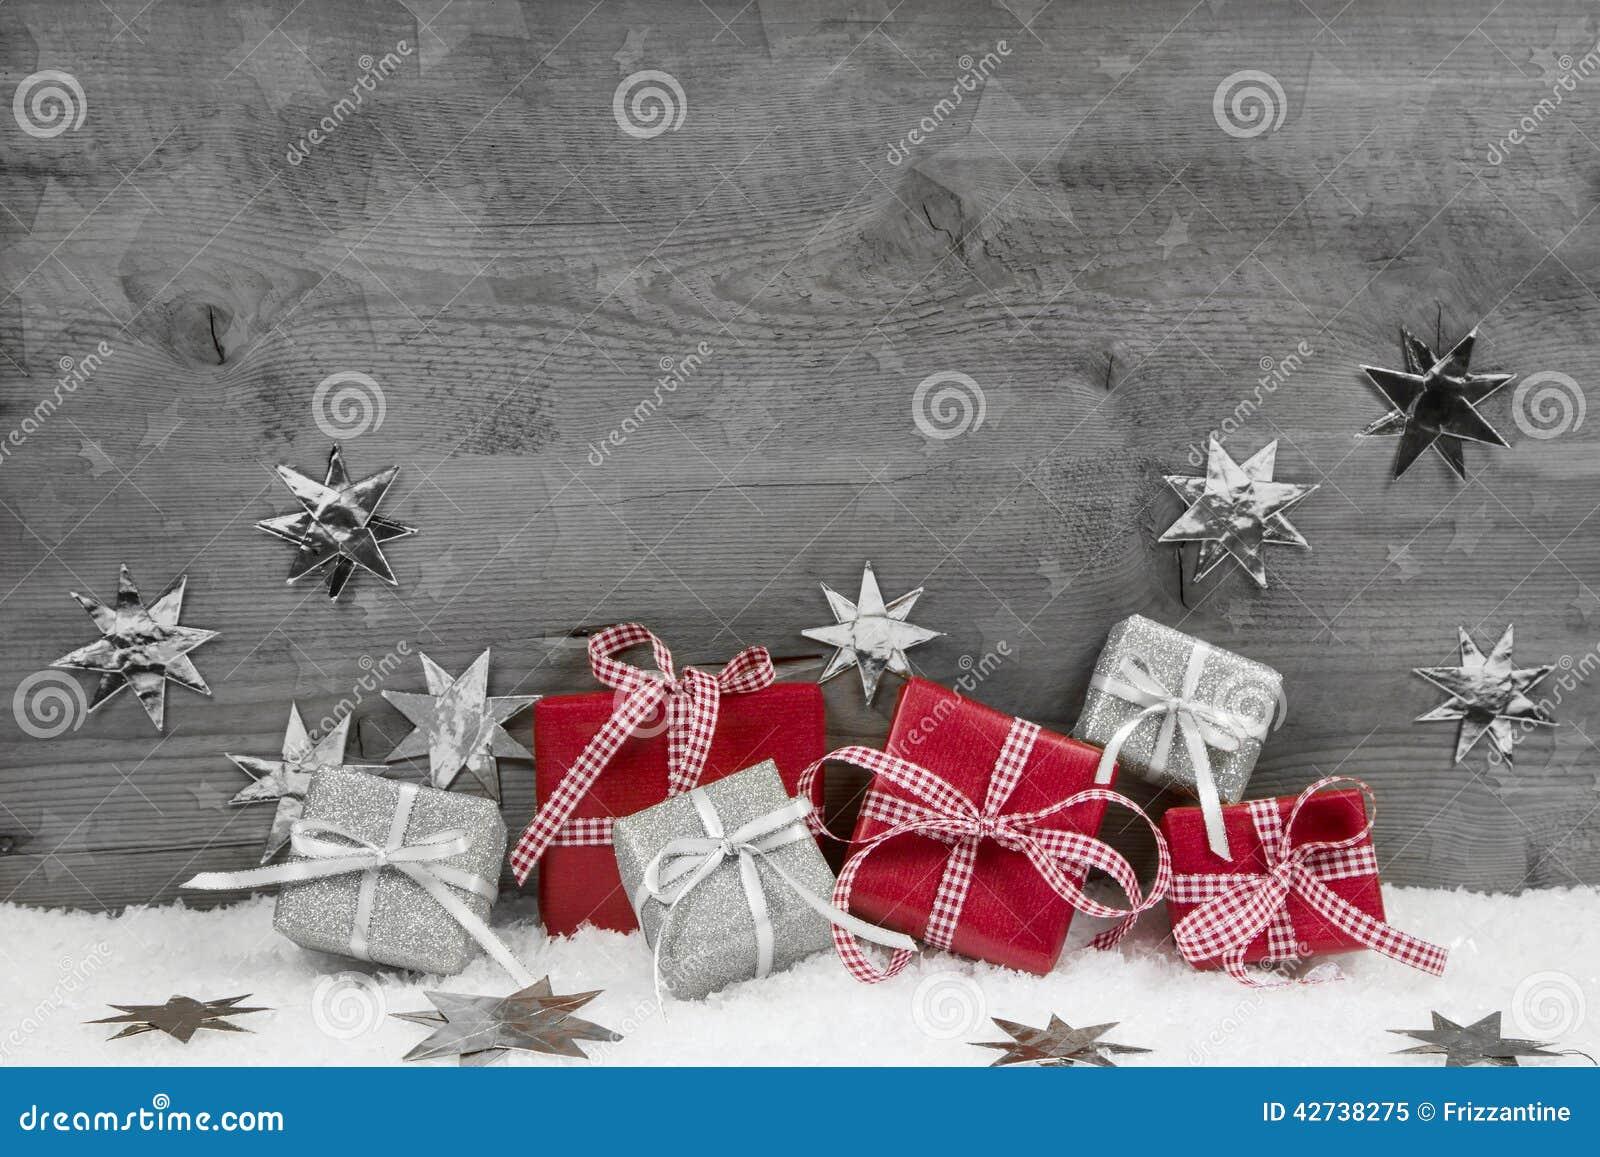 Julklappar i rött och silver på trägrå bakgrund